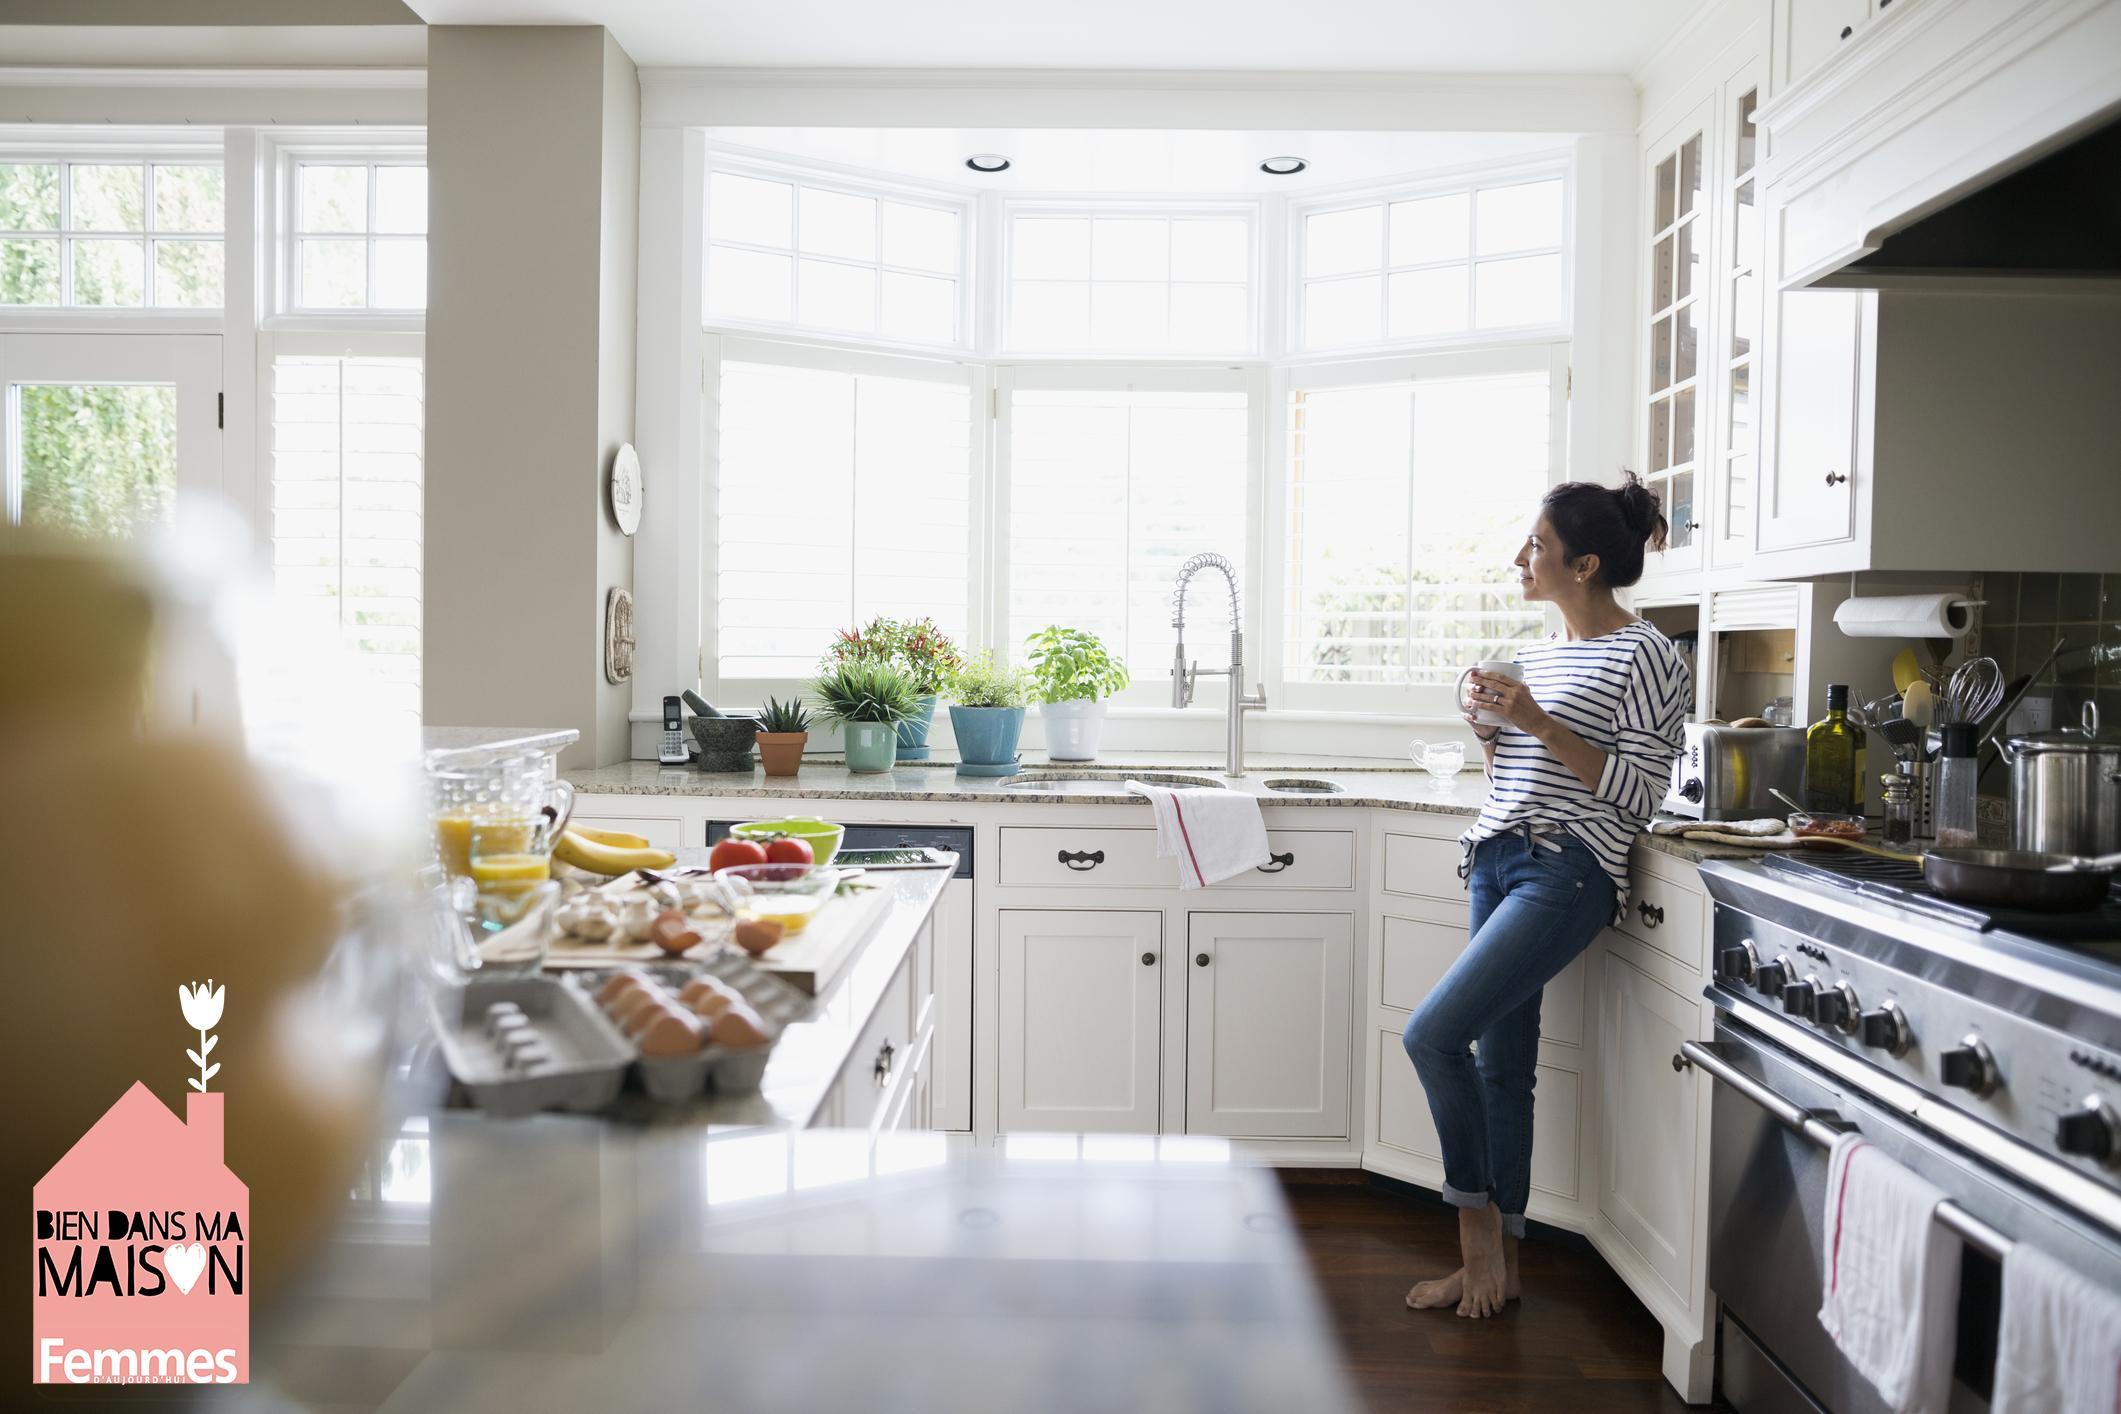 Nettoyer Les Placards De Cuisine 8 étapes pour nettoyer sa cuisine - femmes d'aujourd'hui